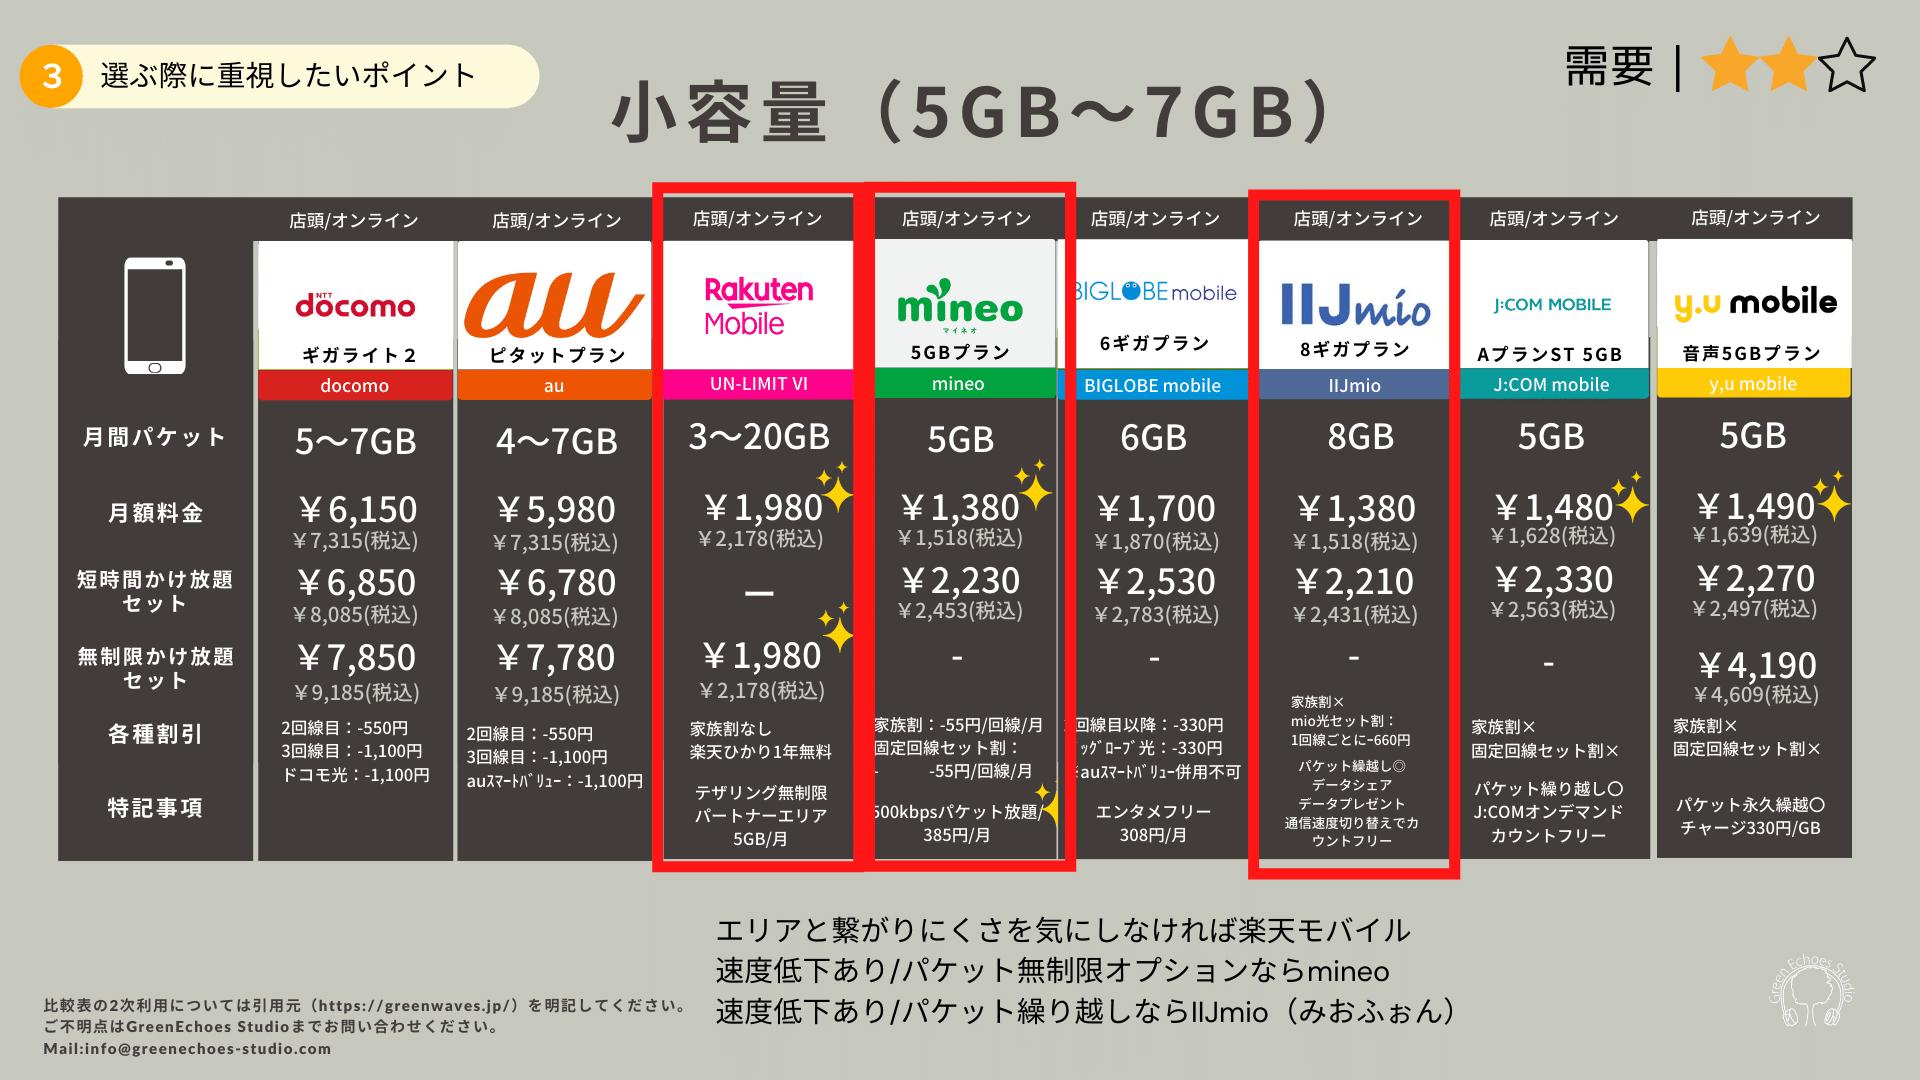 月間パケット上限5GB~7GB比較表